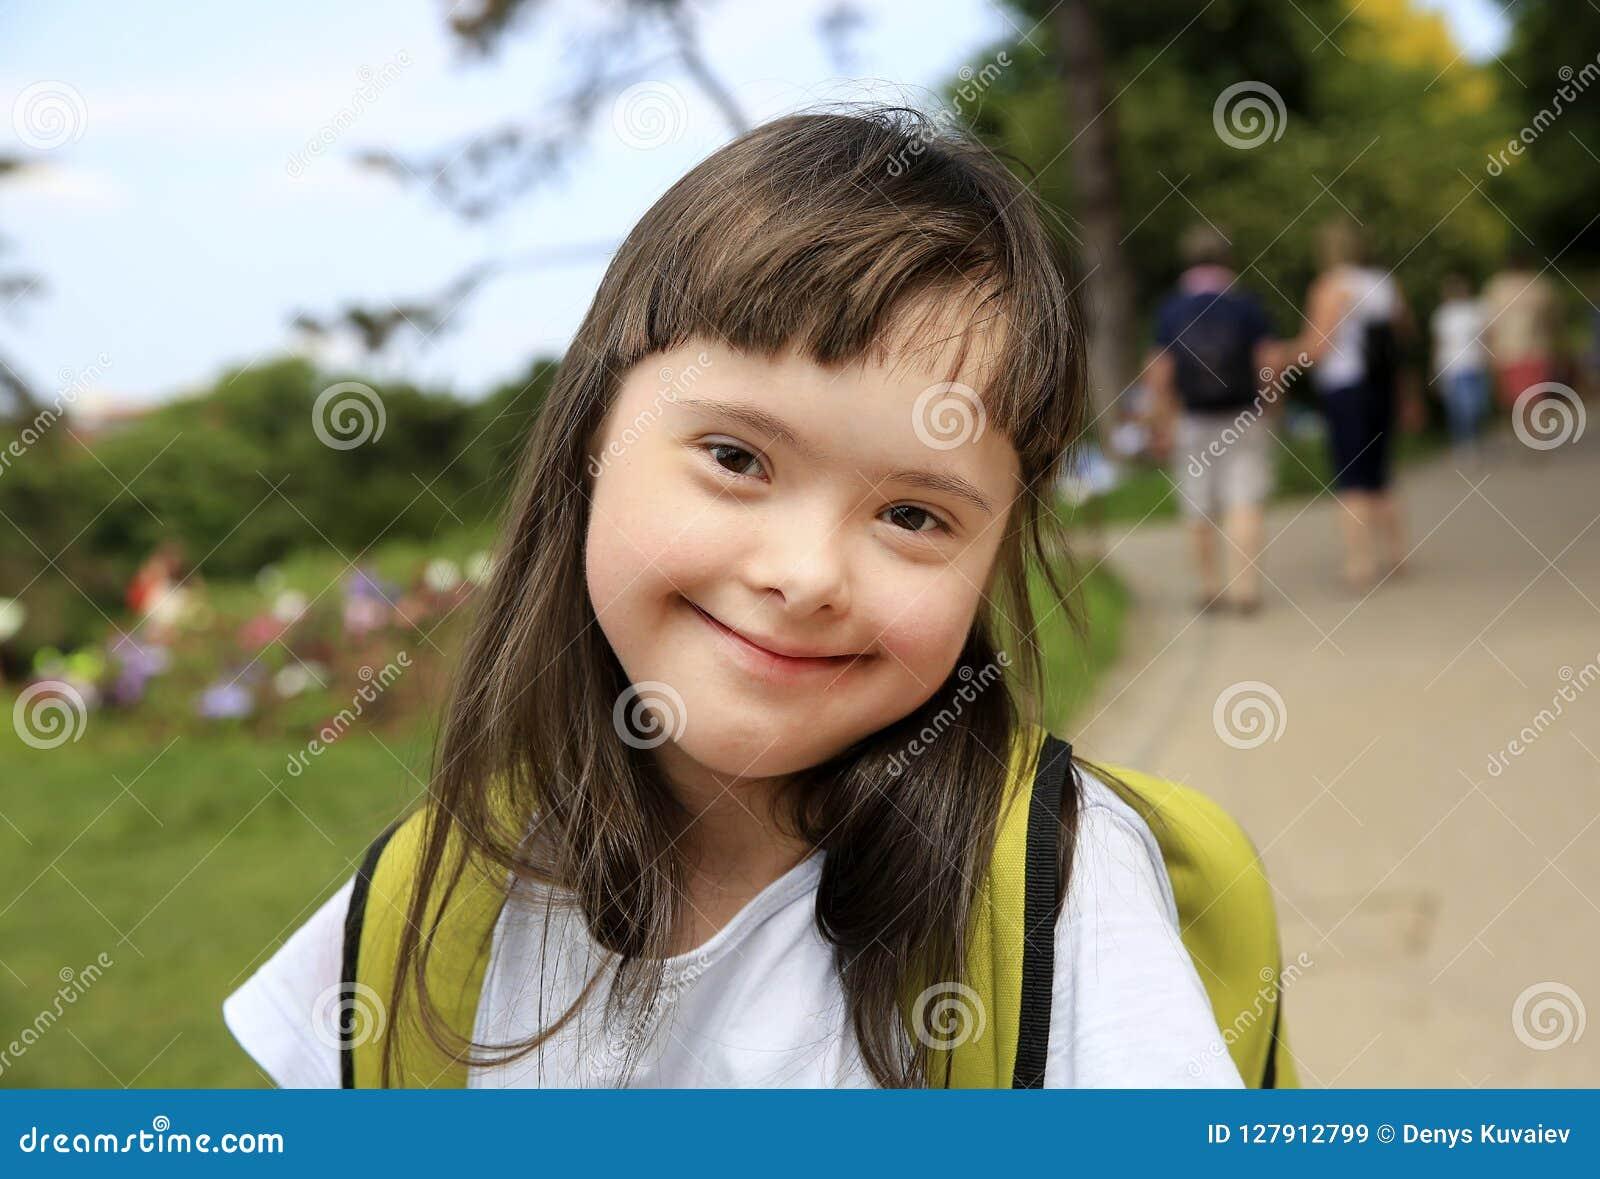 Retrato de la niña que sonríe en la ciudad